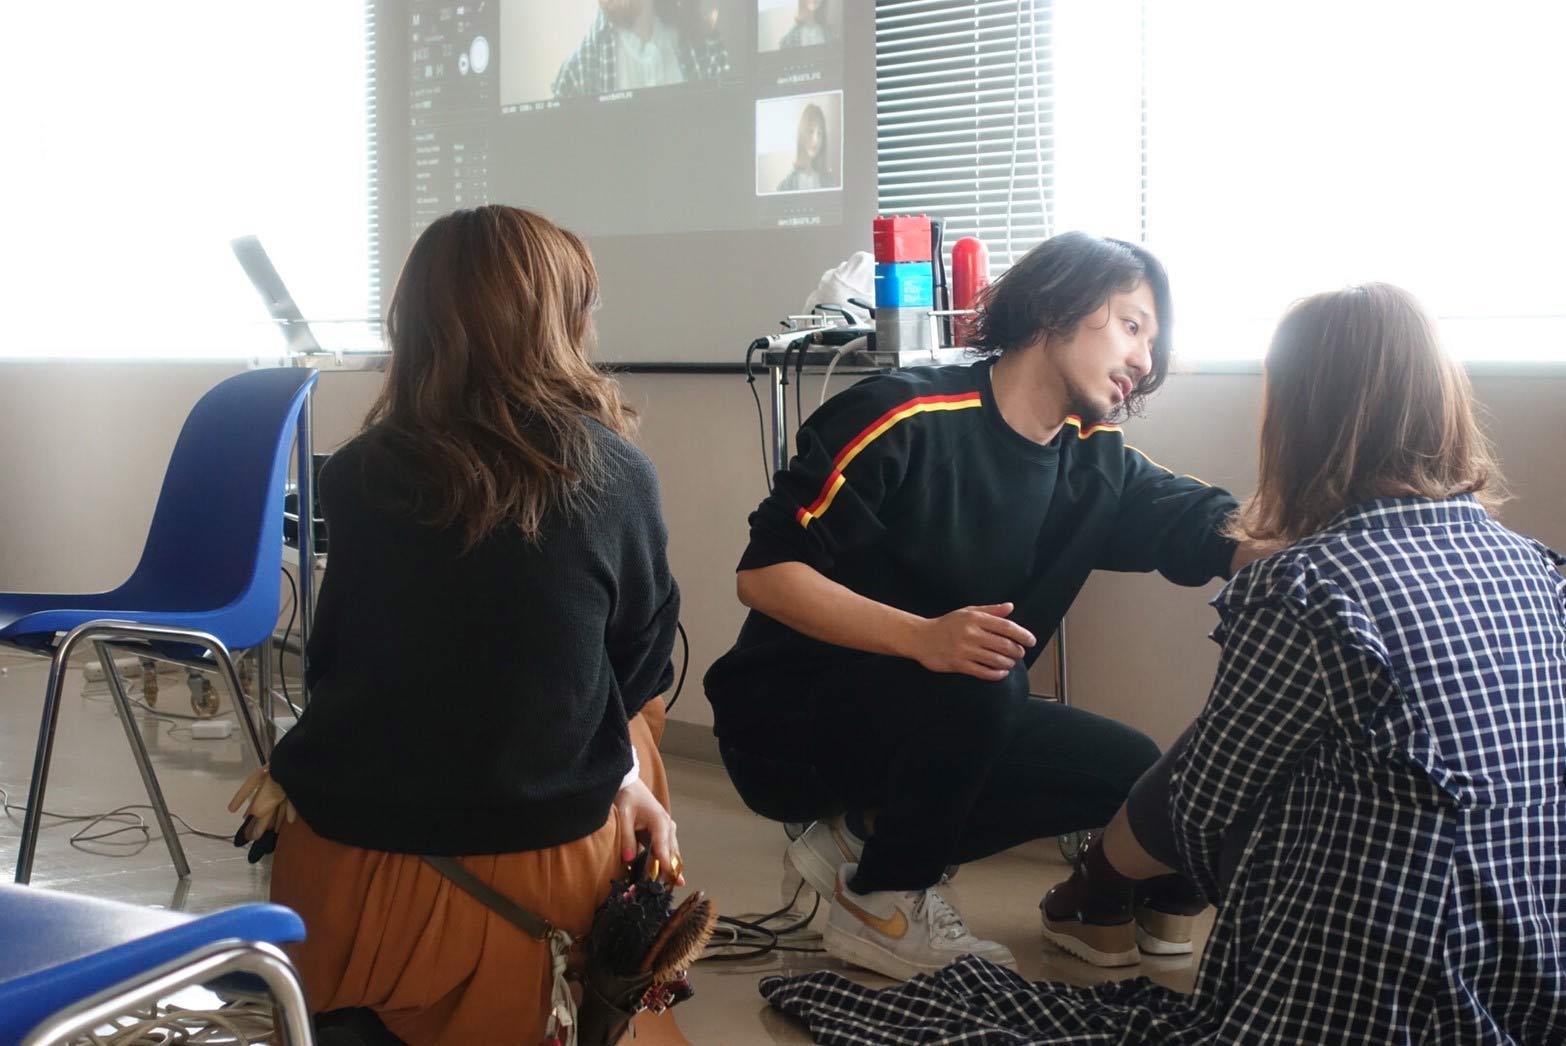 [DEMI大阪]作品撮りセミナー、ネオストリーム に向けての引き出し作り。自分も大きく成長できました!